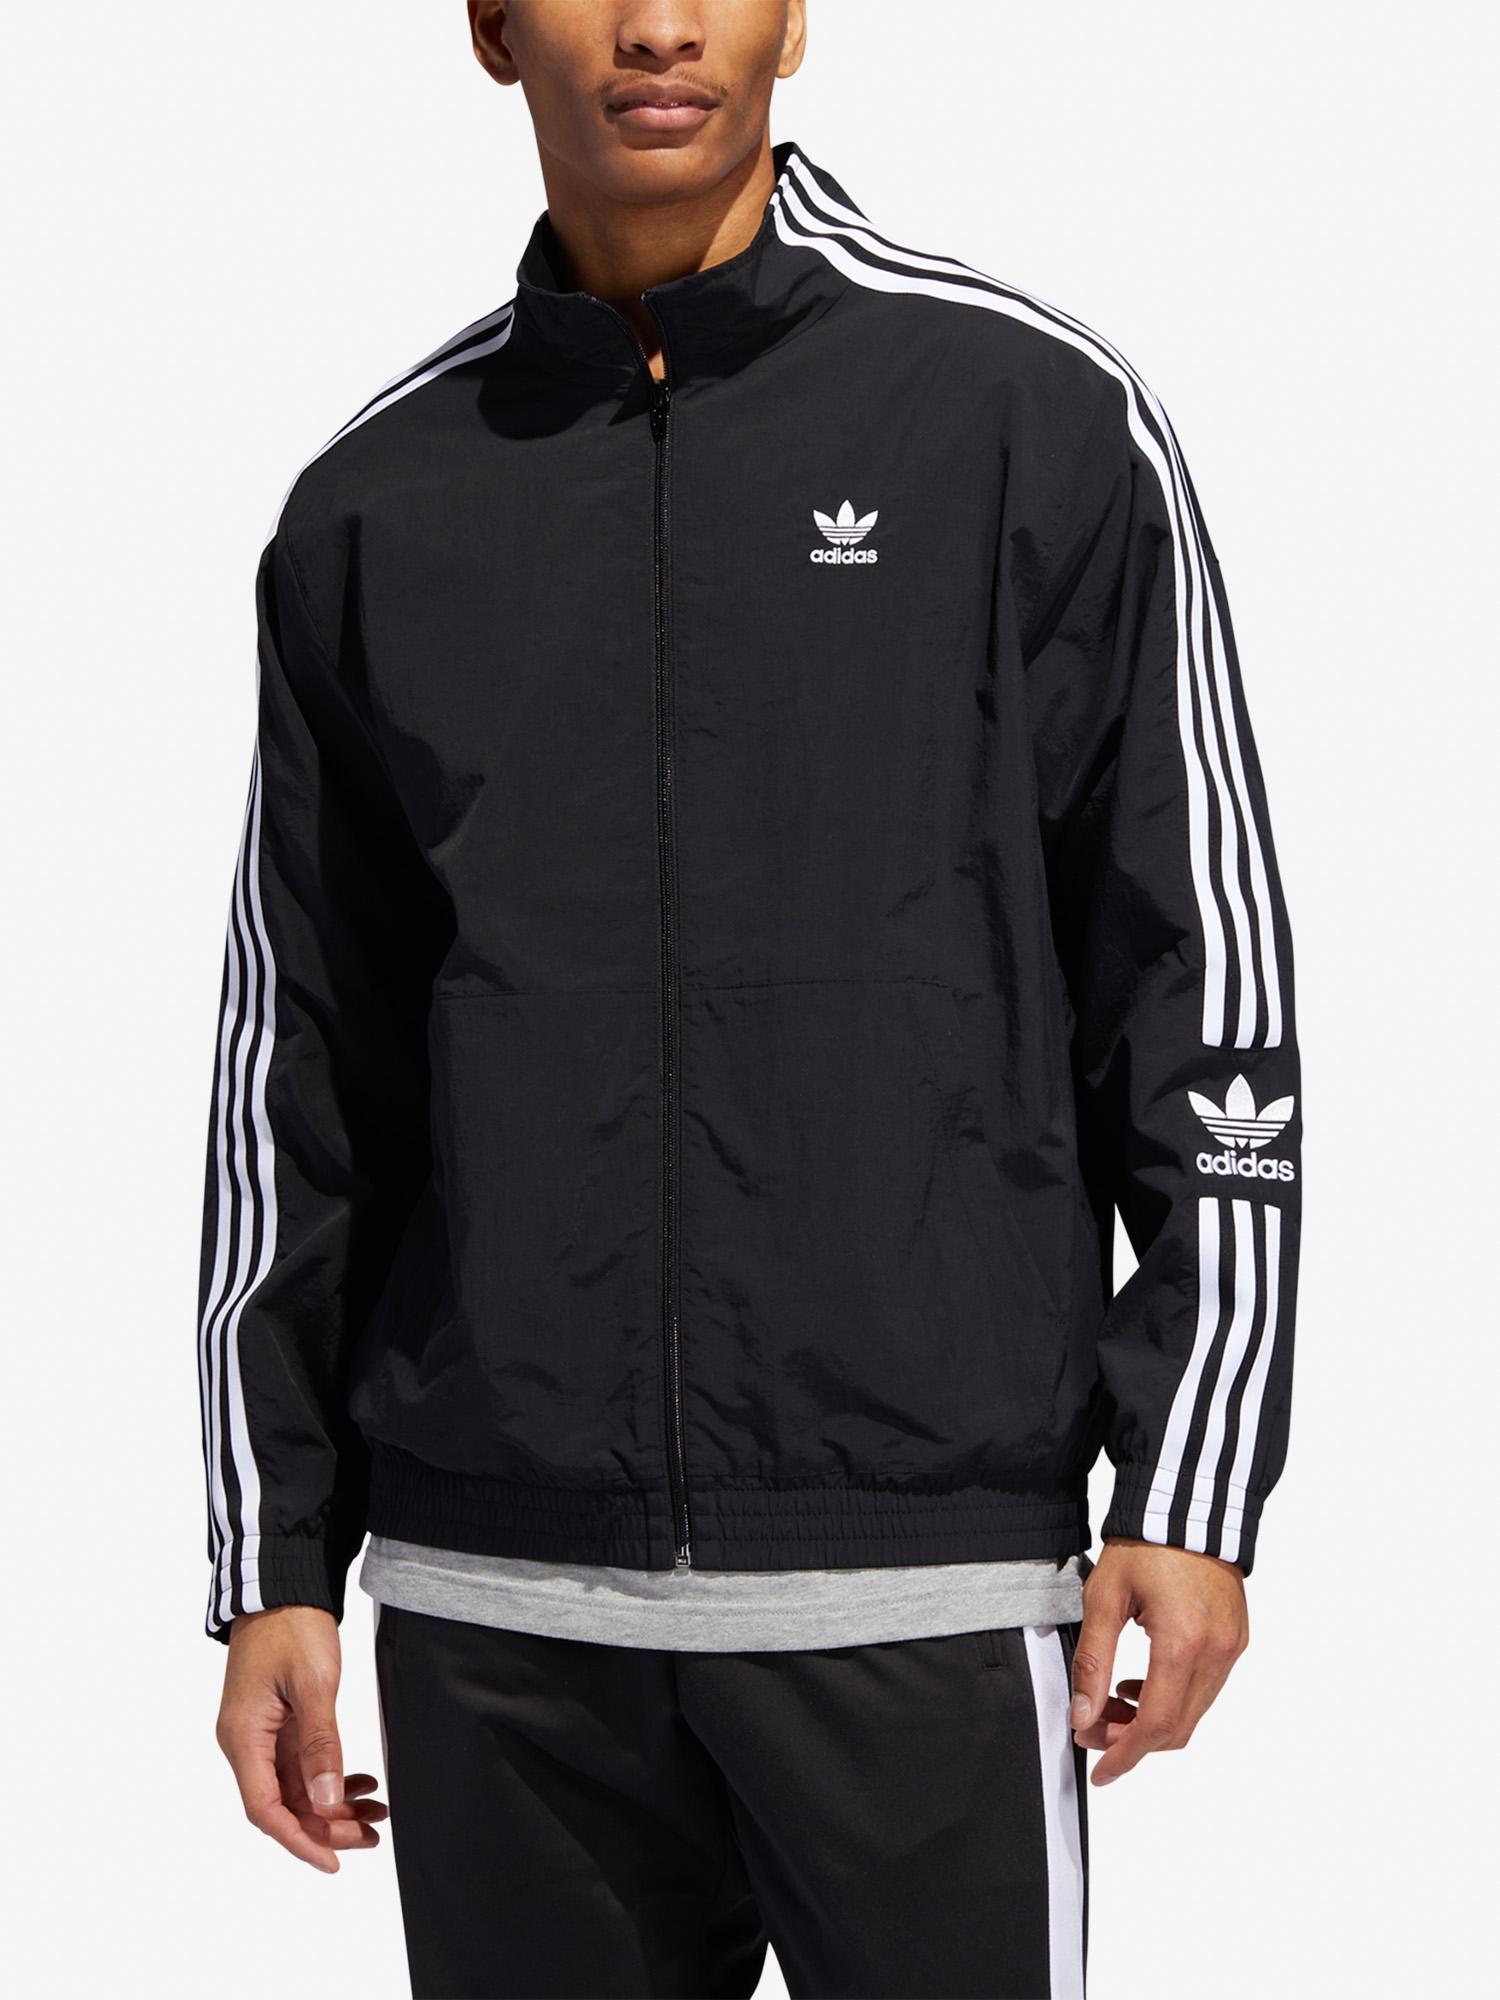 Adidas Originals Woven Tt Jacket